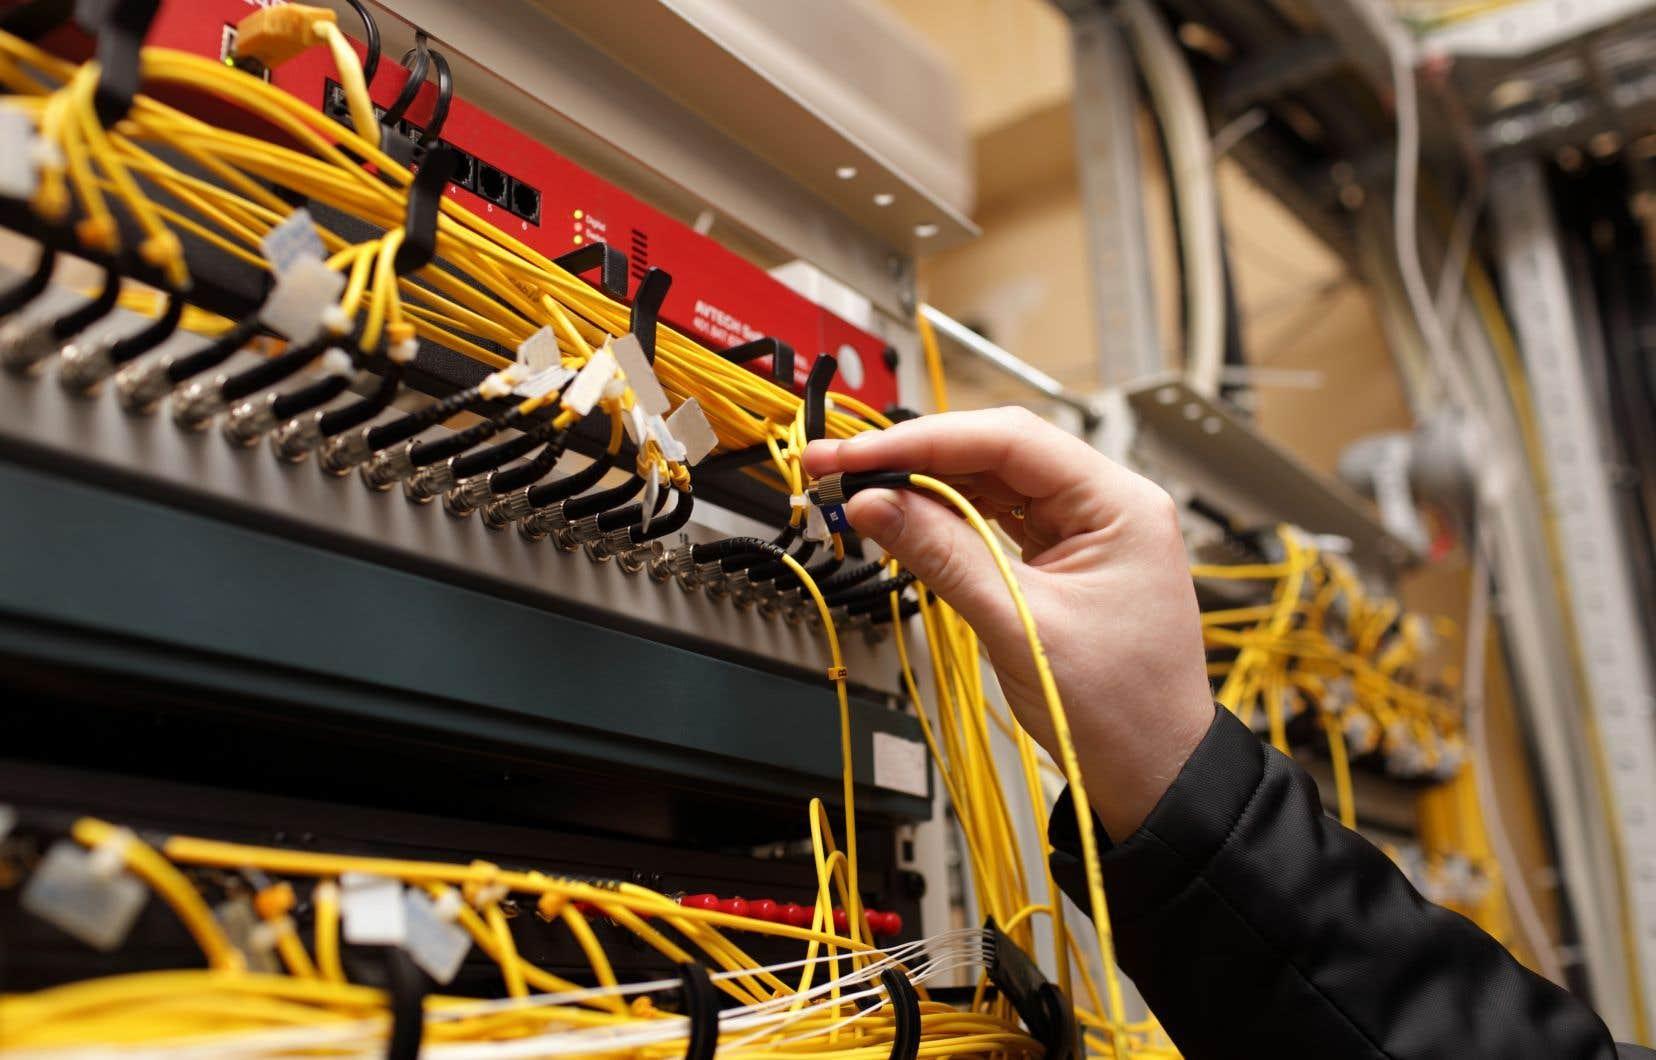 La semaine dernière, le CRTC a publié les tarifs définitifs que les plus petits fournisseurs doivent payer aux principaux joueurs du secteur des télécommunications afin d'utiliser leur réseau à large bande.